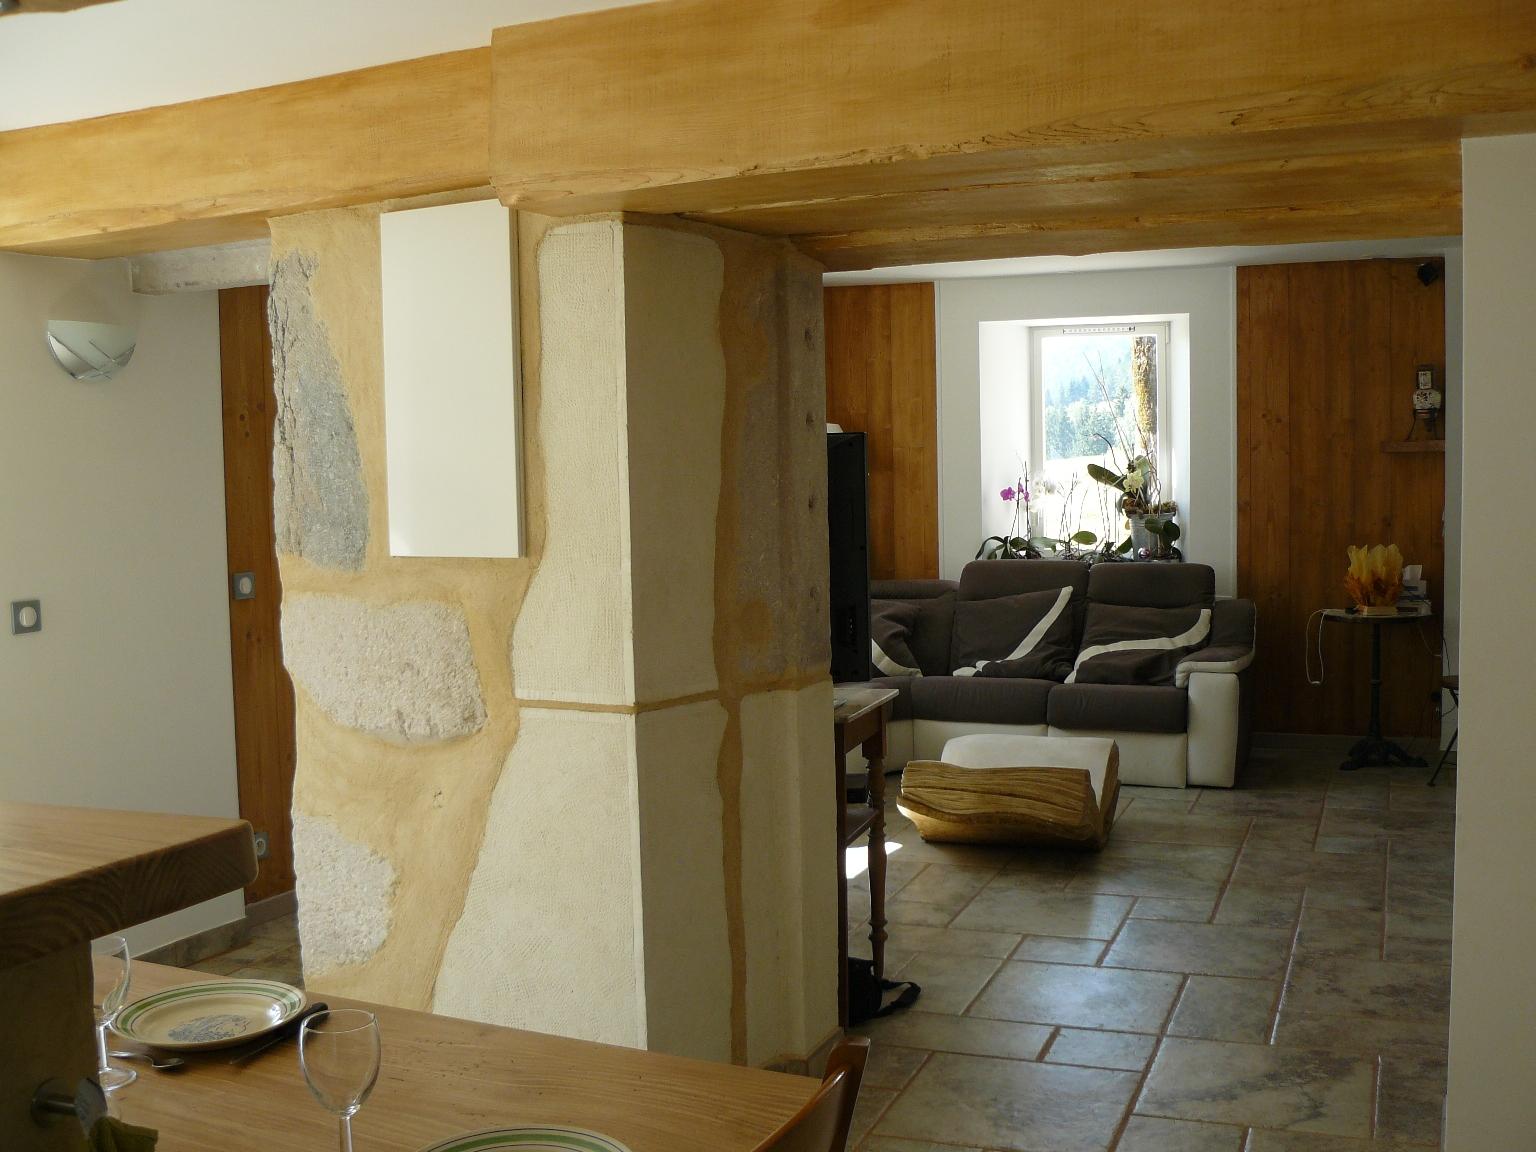 amenagement comble vercors isolation phonique thermique agencement interieur comble grenoble. Black Bedroom Furniture Sets. Home Design Ideas